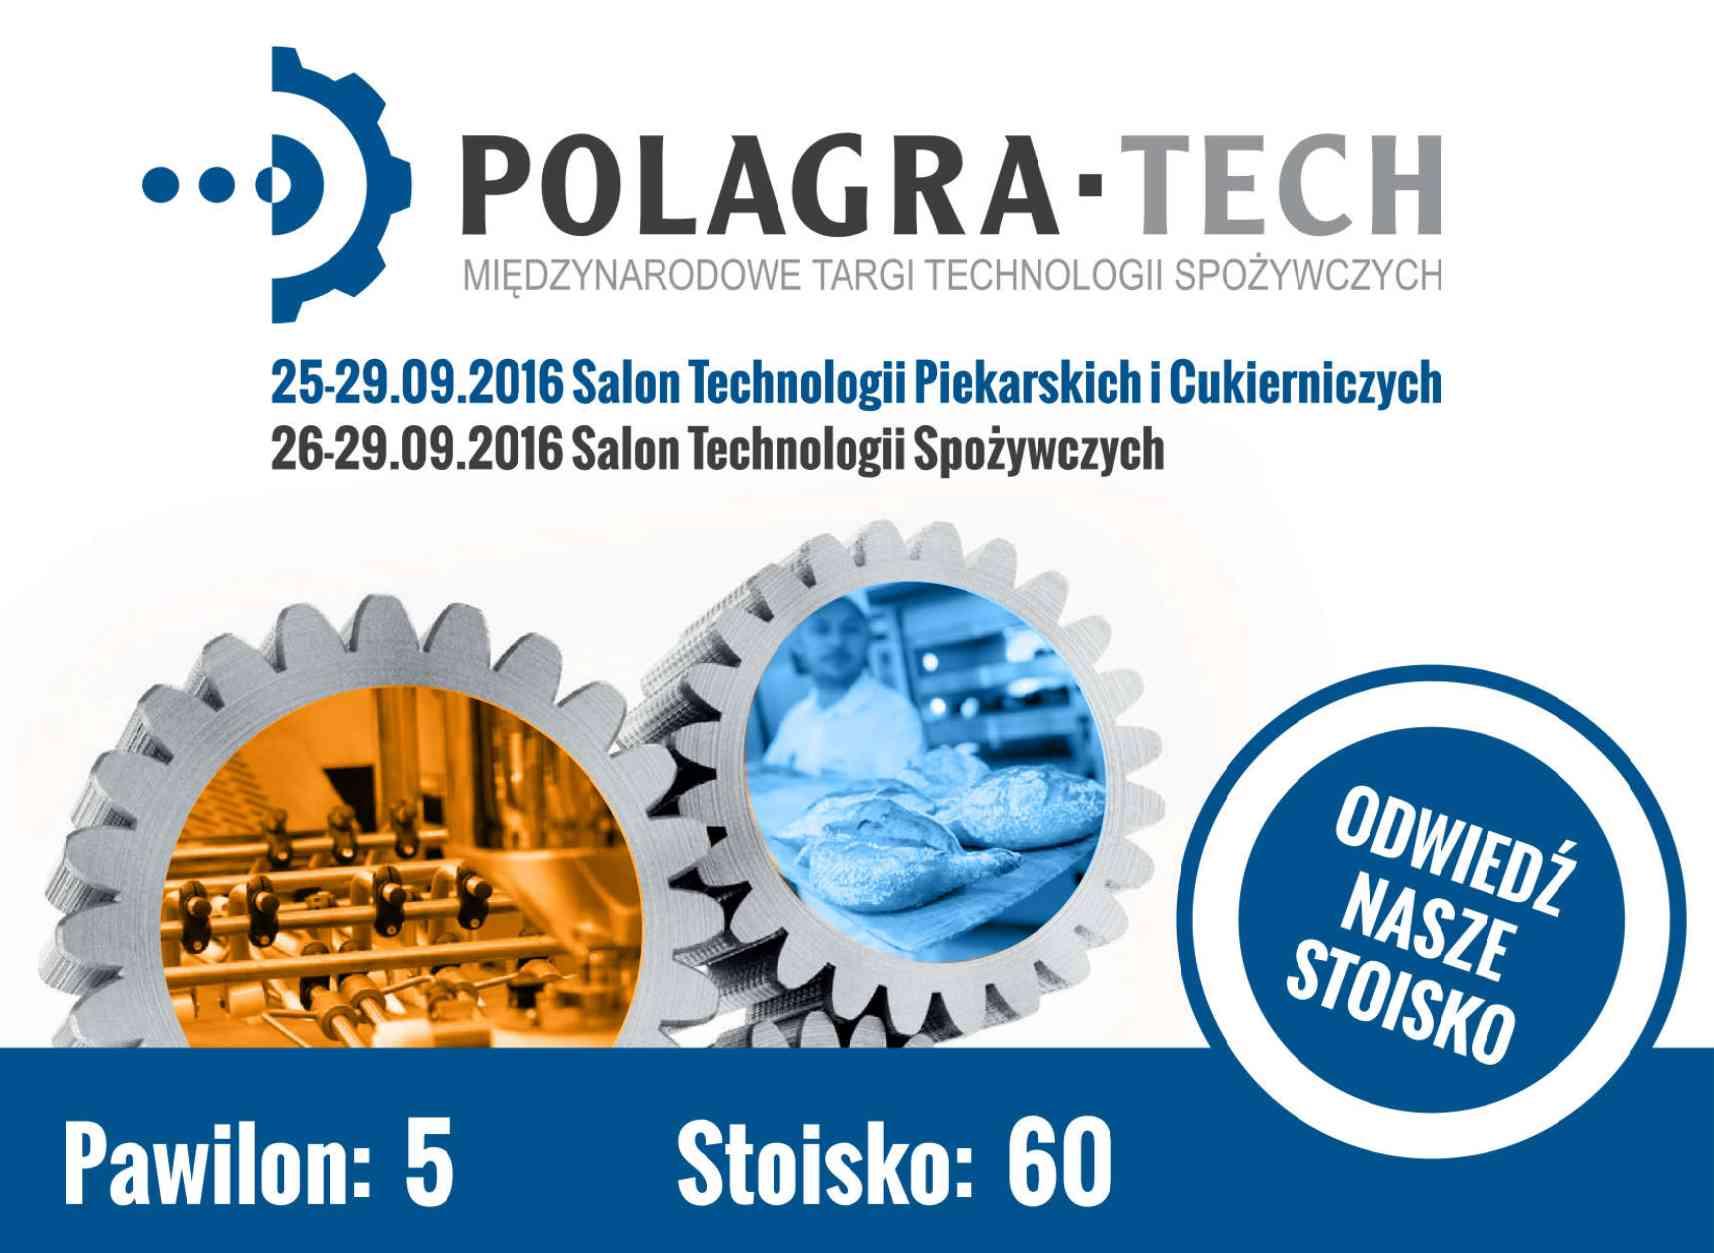 Polagra-tech-2016